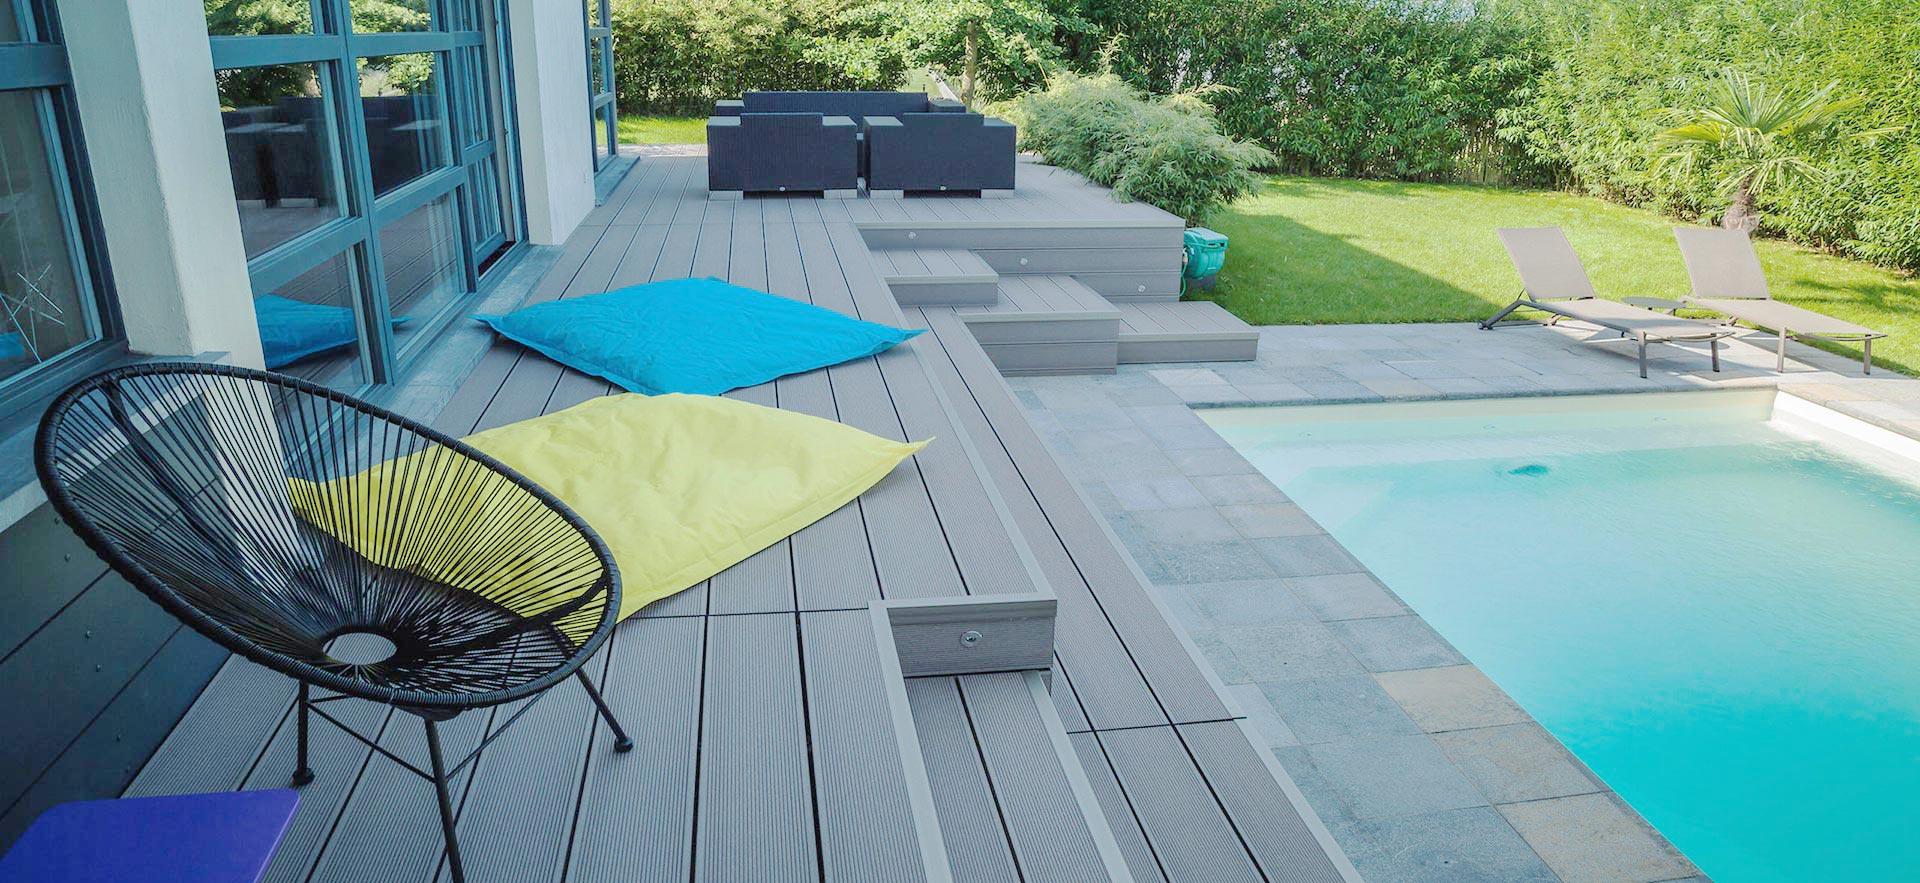 terrasse en bois composite wpc - concept terrasse sàrl - yverdon